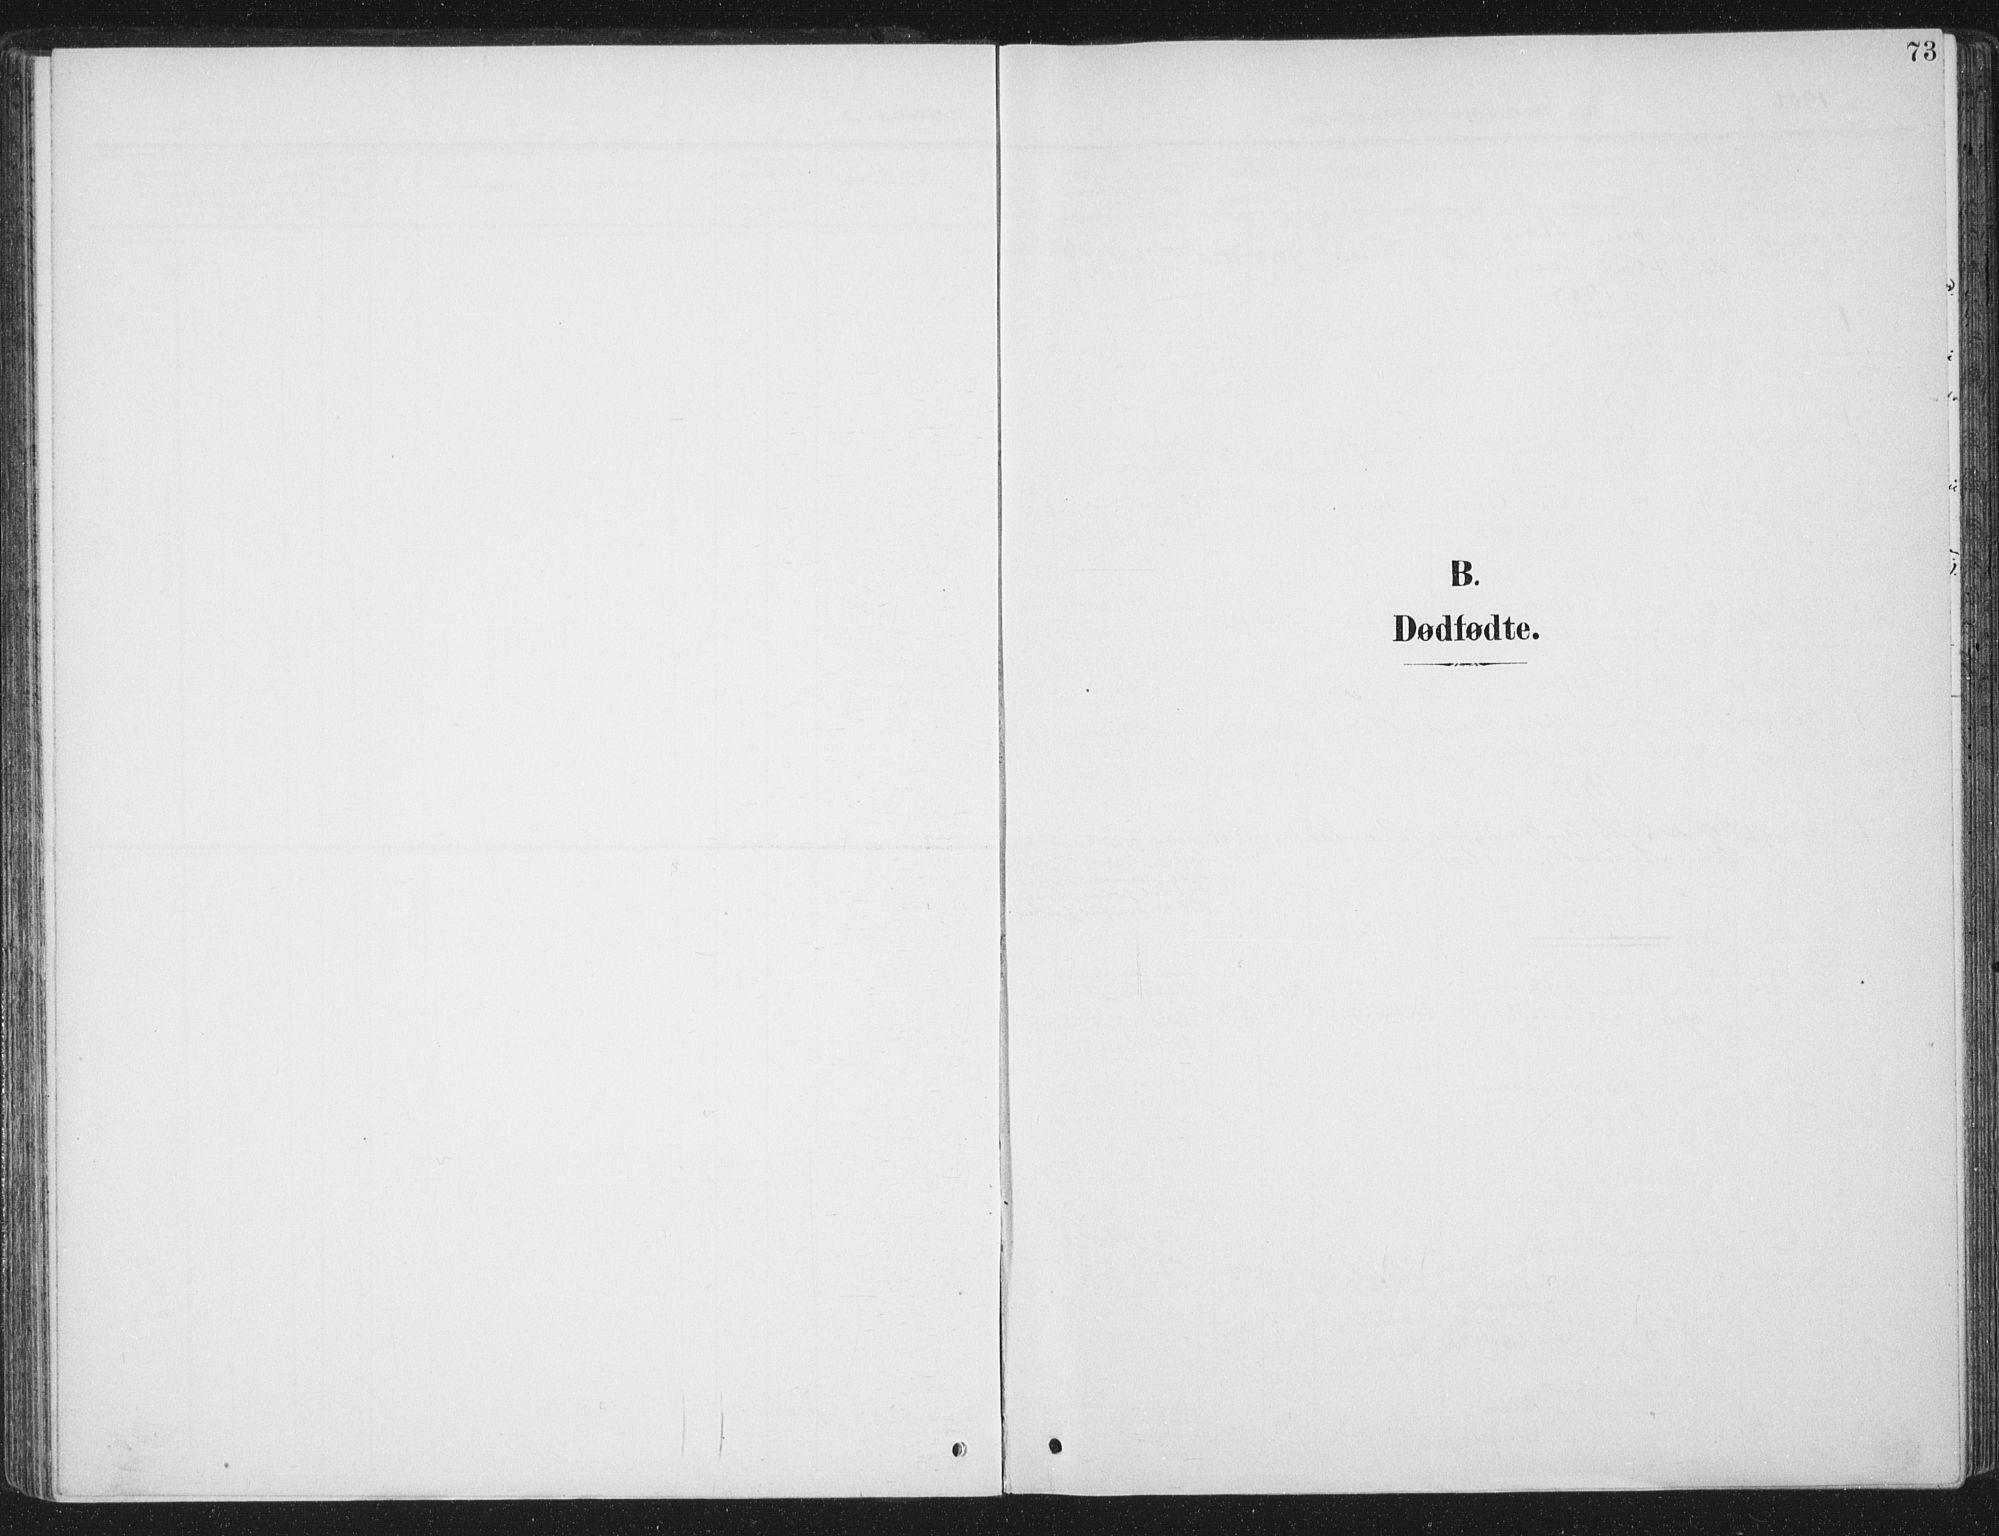 SAT, Ministerialprotokoller, klokkerbøker og fødselsregistre - Sør-Trøndelag, 657/L0709: Ministerialbok nr. 657A10, 1905-1919, s. 73